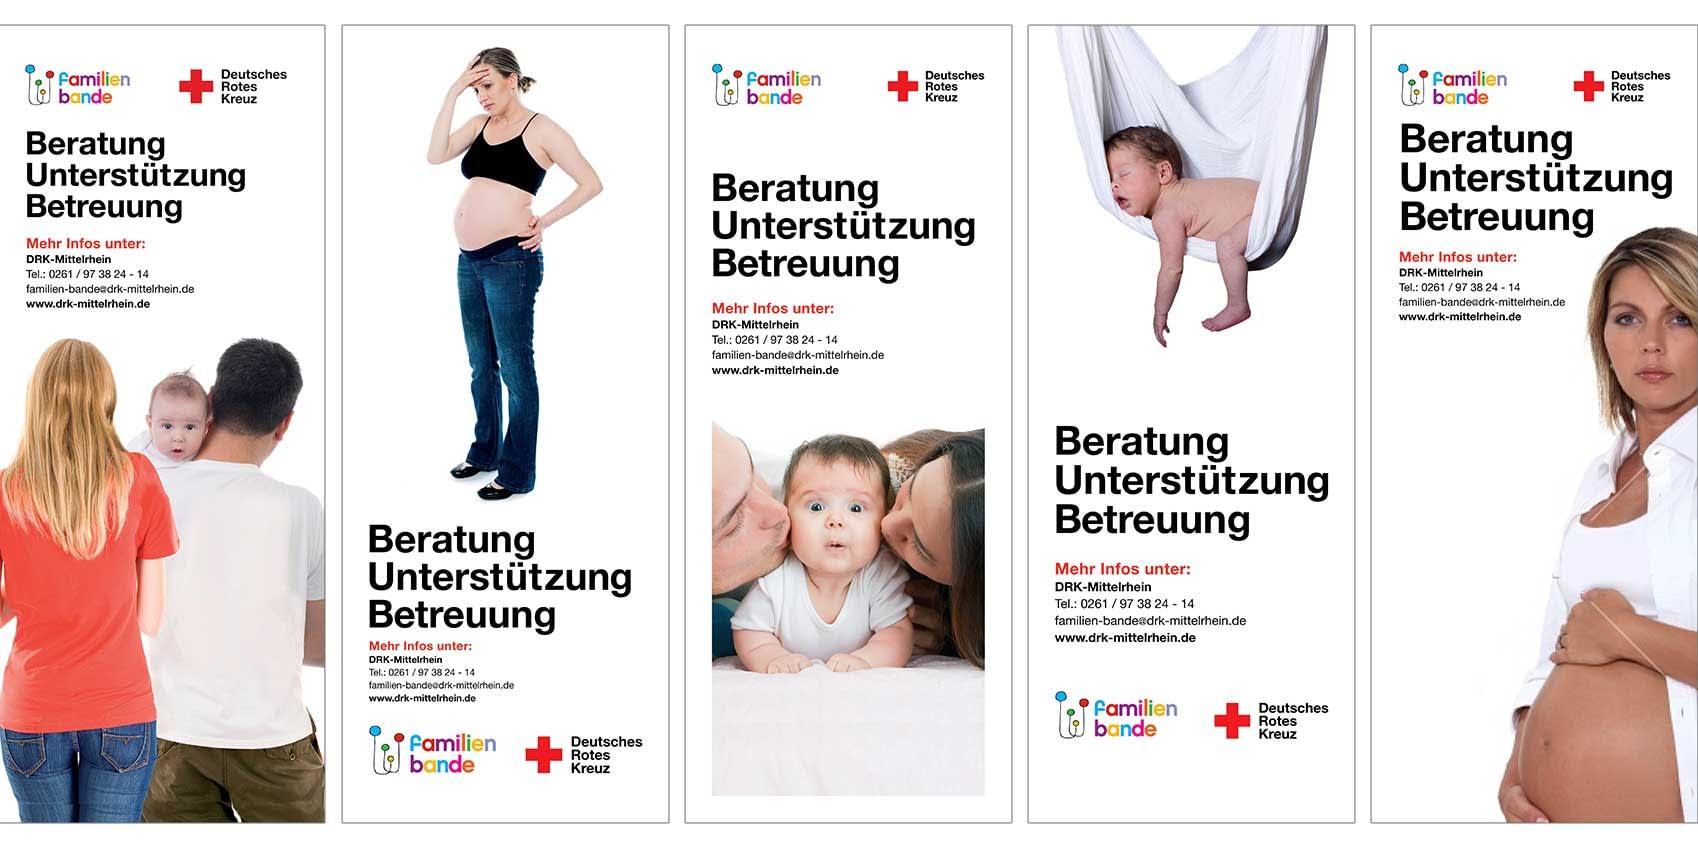 Branding for DRK Familien Bande Plaket Poster Billboards.jpg